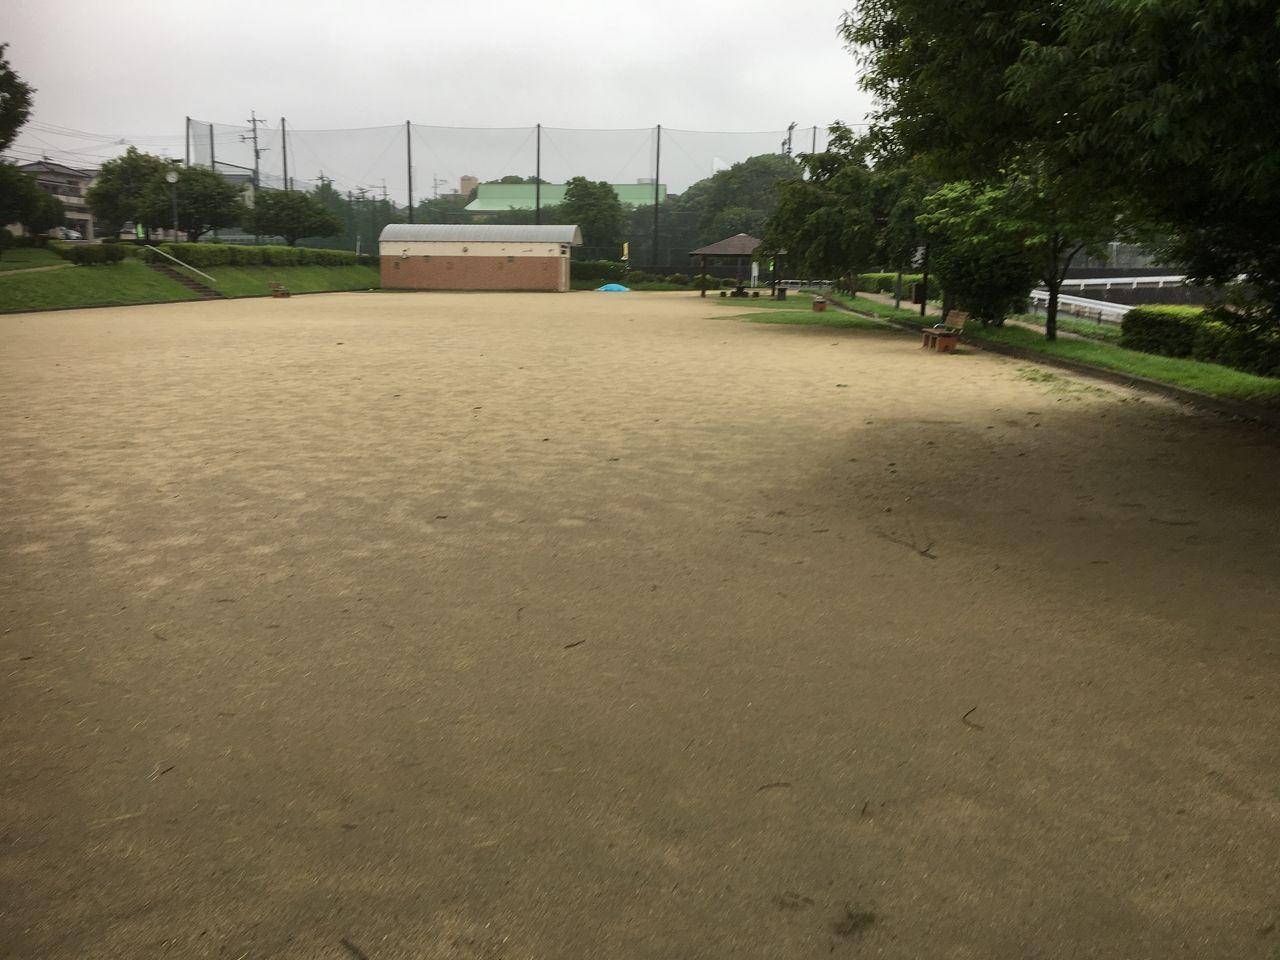 広いグランドゴルフ場